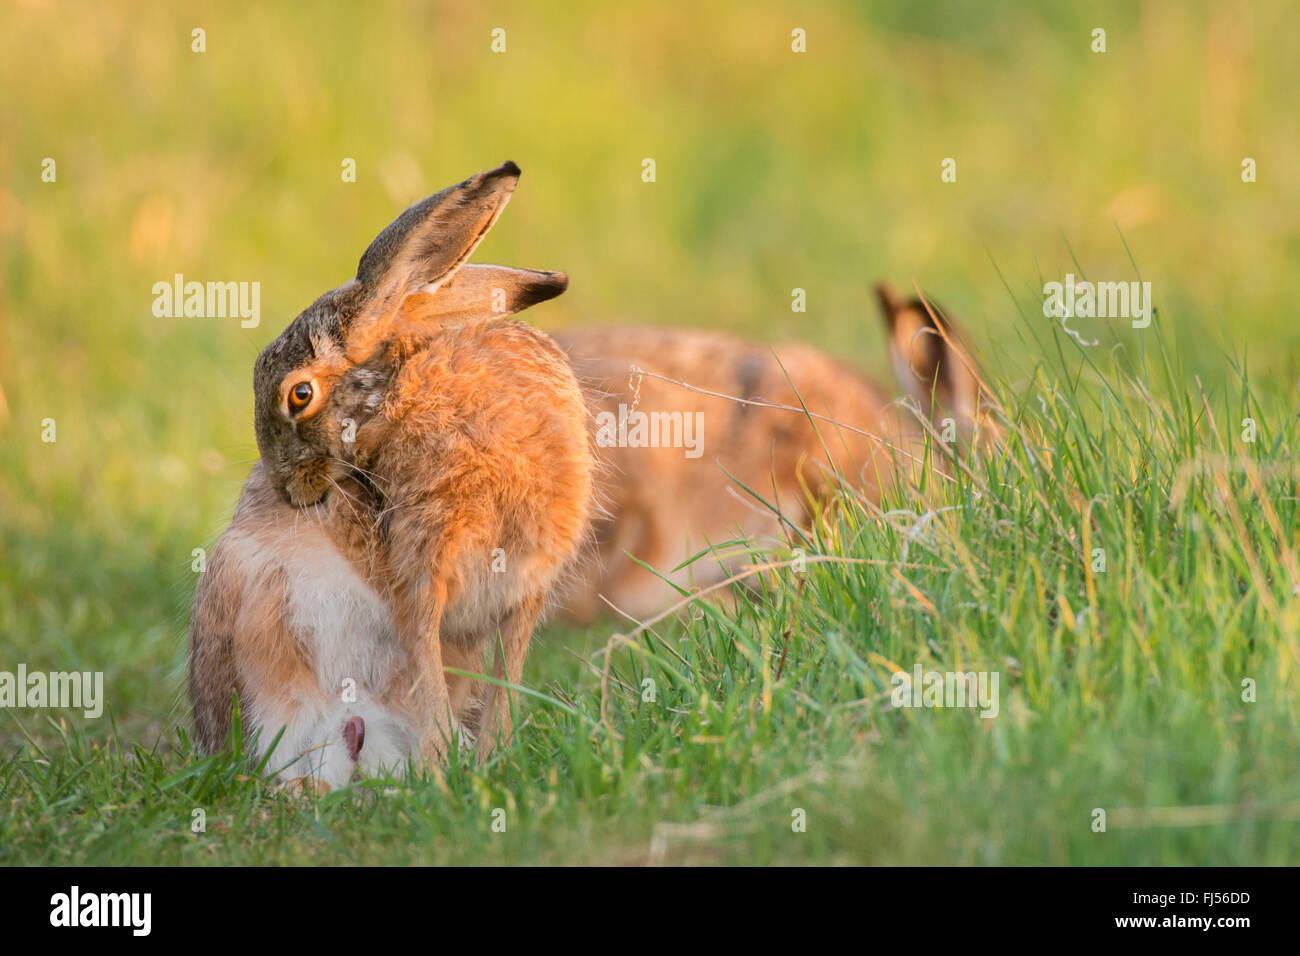 Lepre europea, Marrone lepre (Lepus europaeus), si prende cura della sua pelliccia, Germania, il Land Brandeburgo Immagini Stock